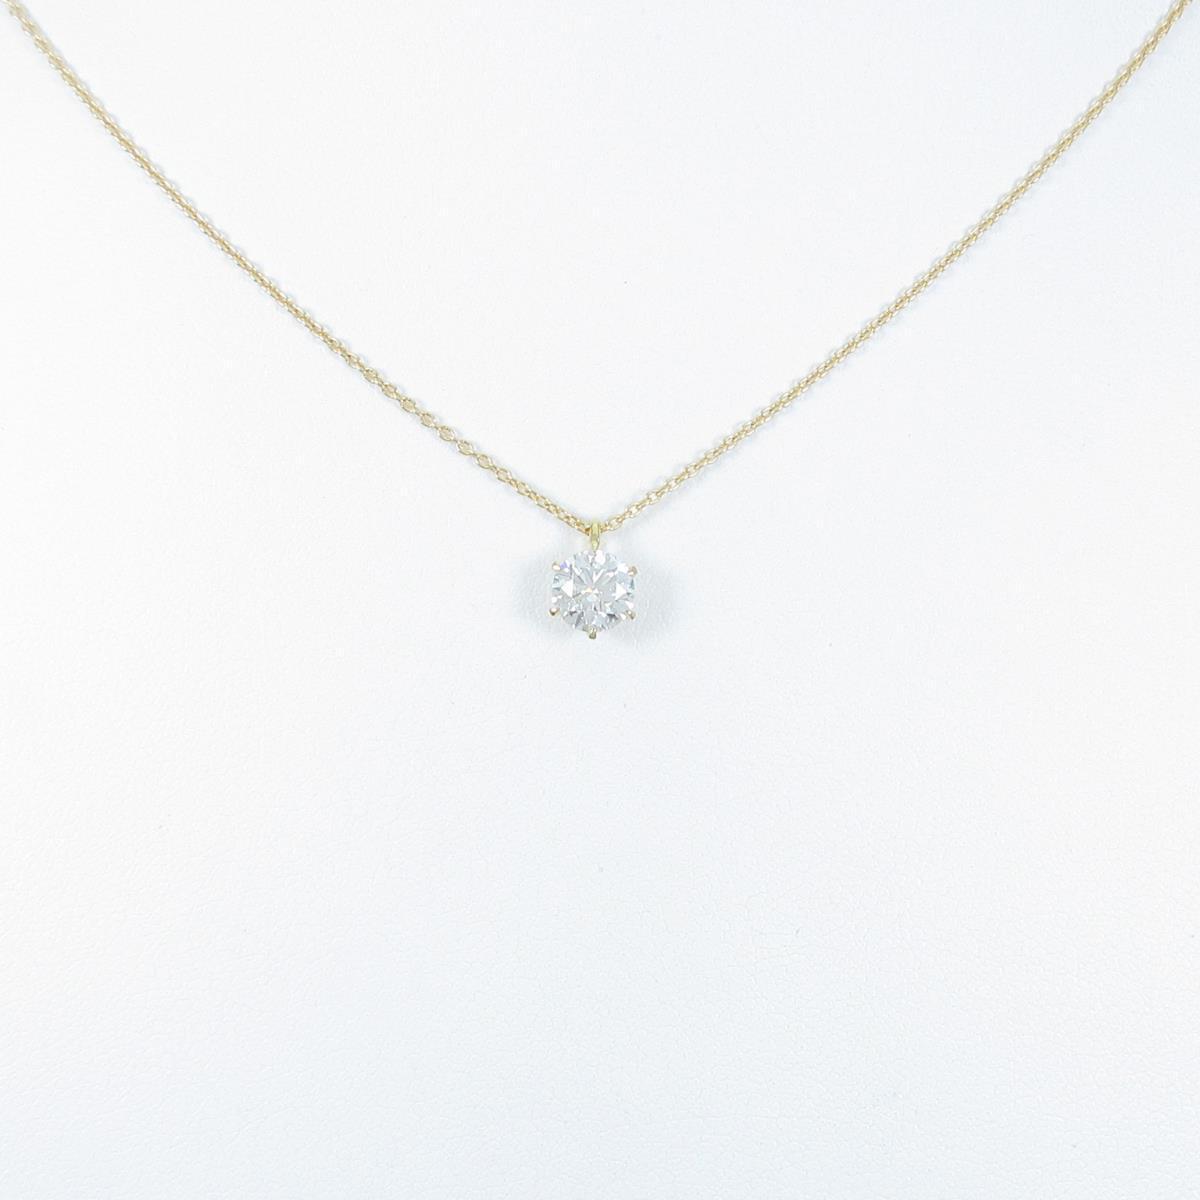 【リメイク】K18YG ダイヤモンドネックレス 0.639ct・G・VS1・EX H&C【中古】